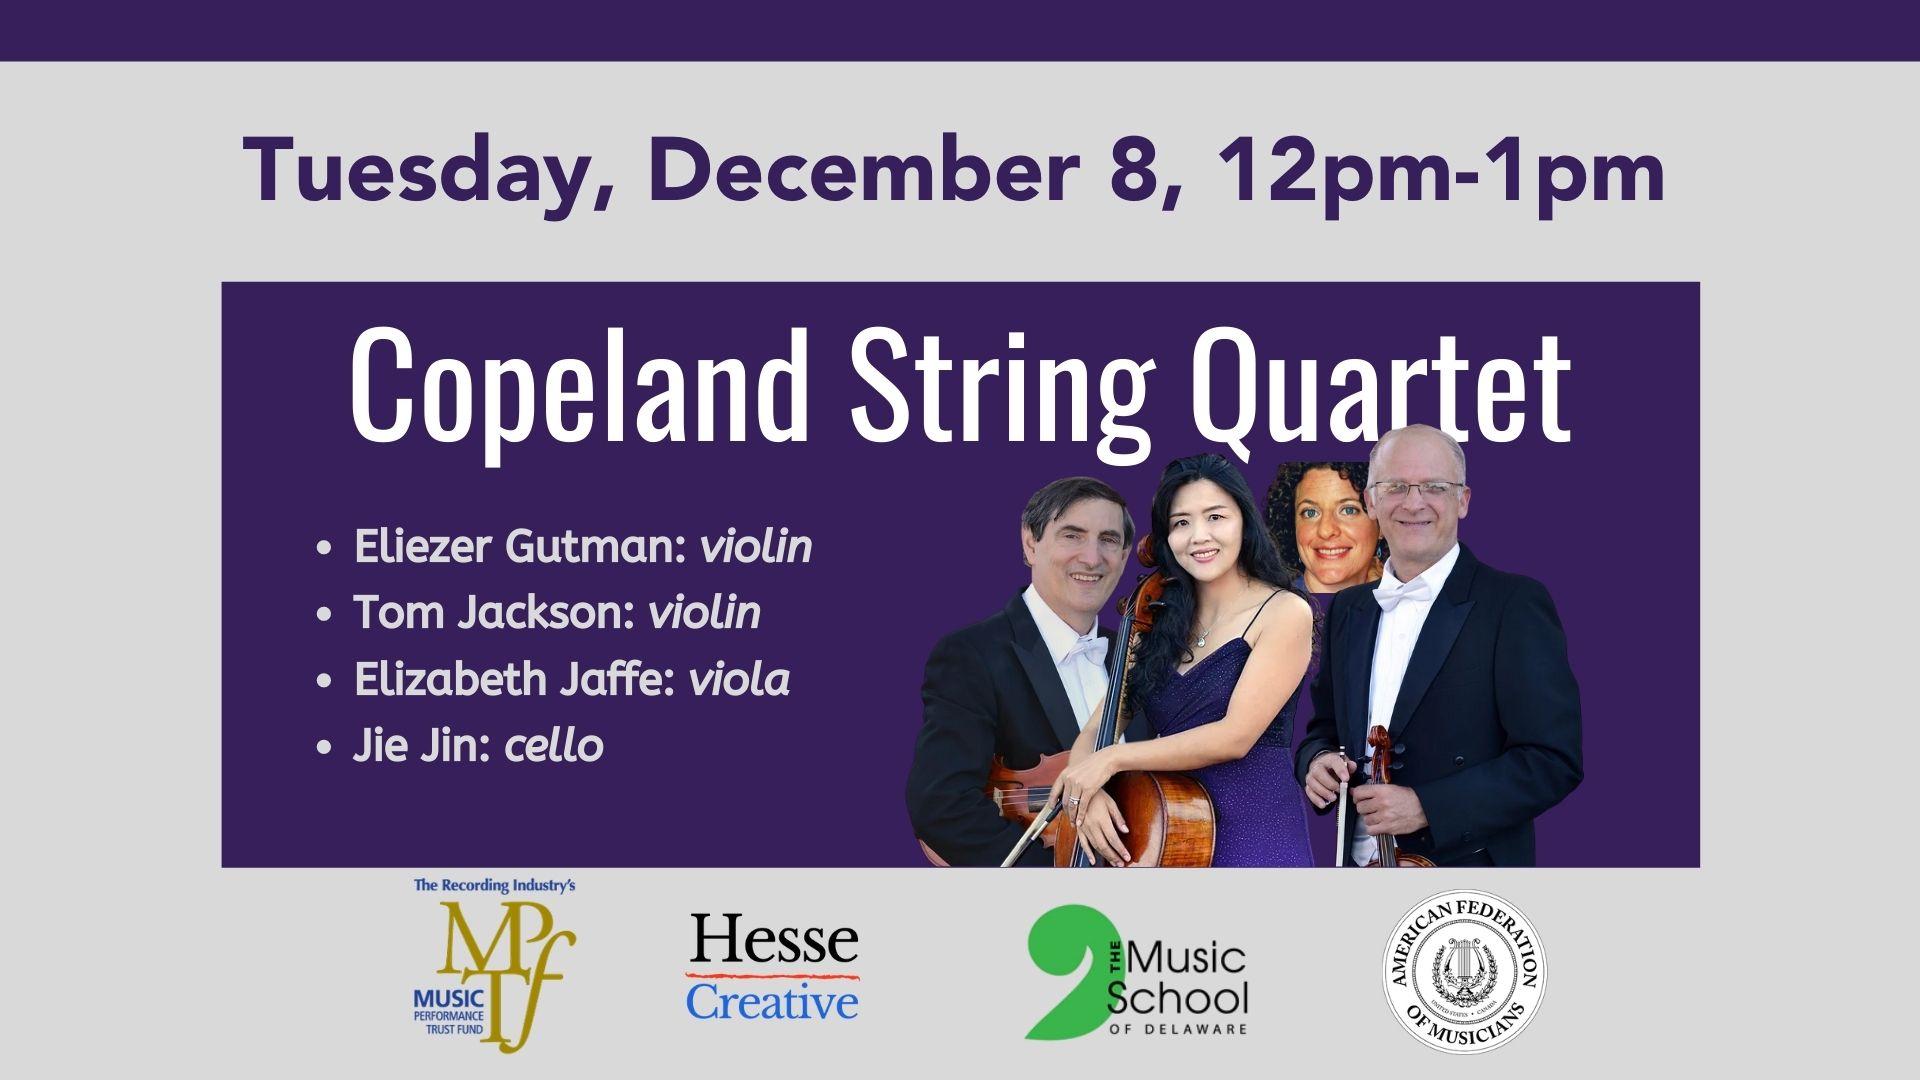 copeland string quartet